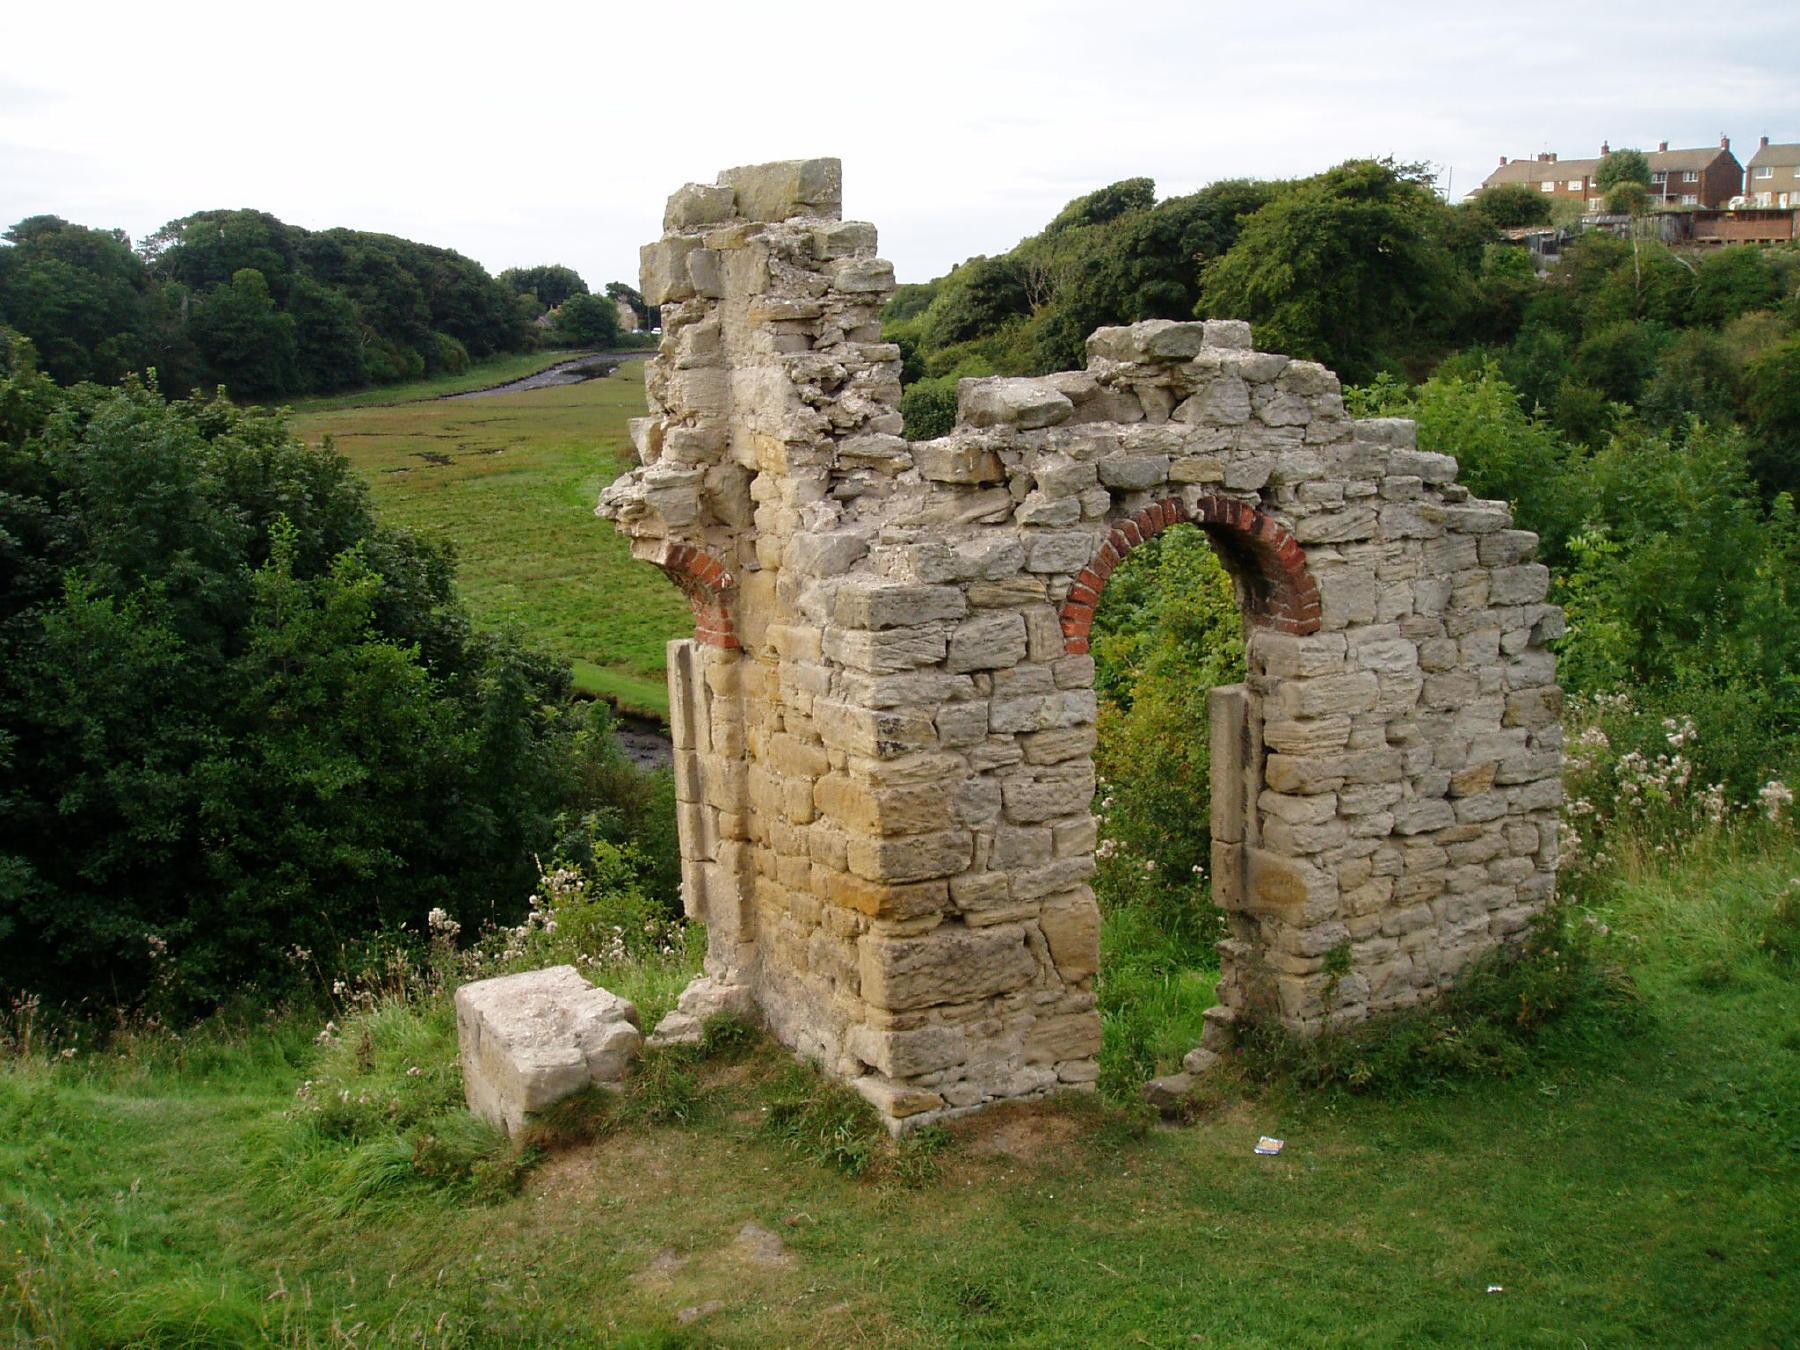 Seaton Delaval: Starlight Castle